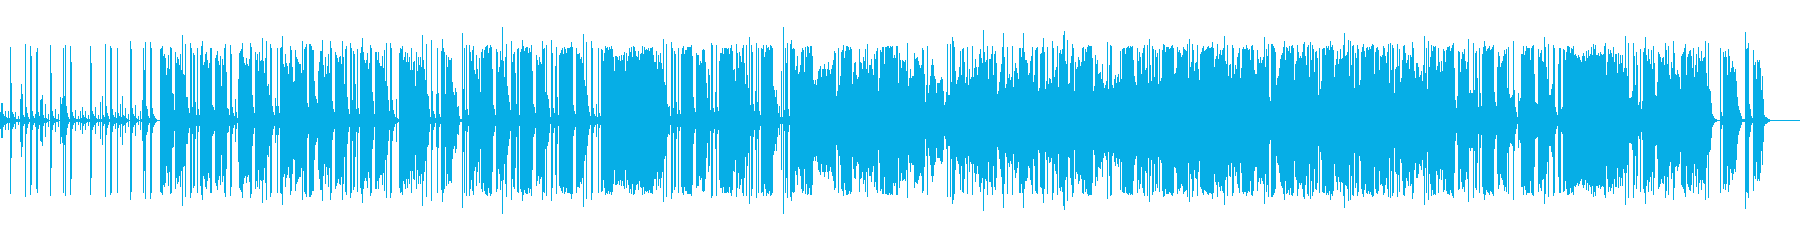 ミステリアスな雰囲気のエレクトロニカの再生済みの波形